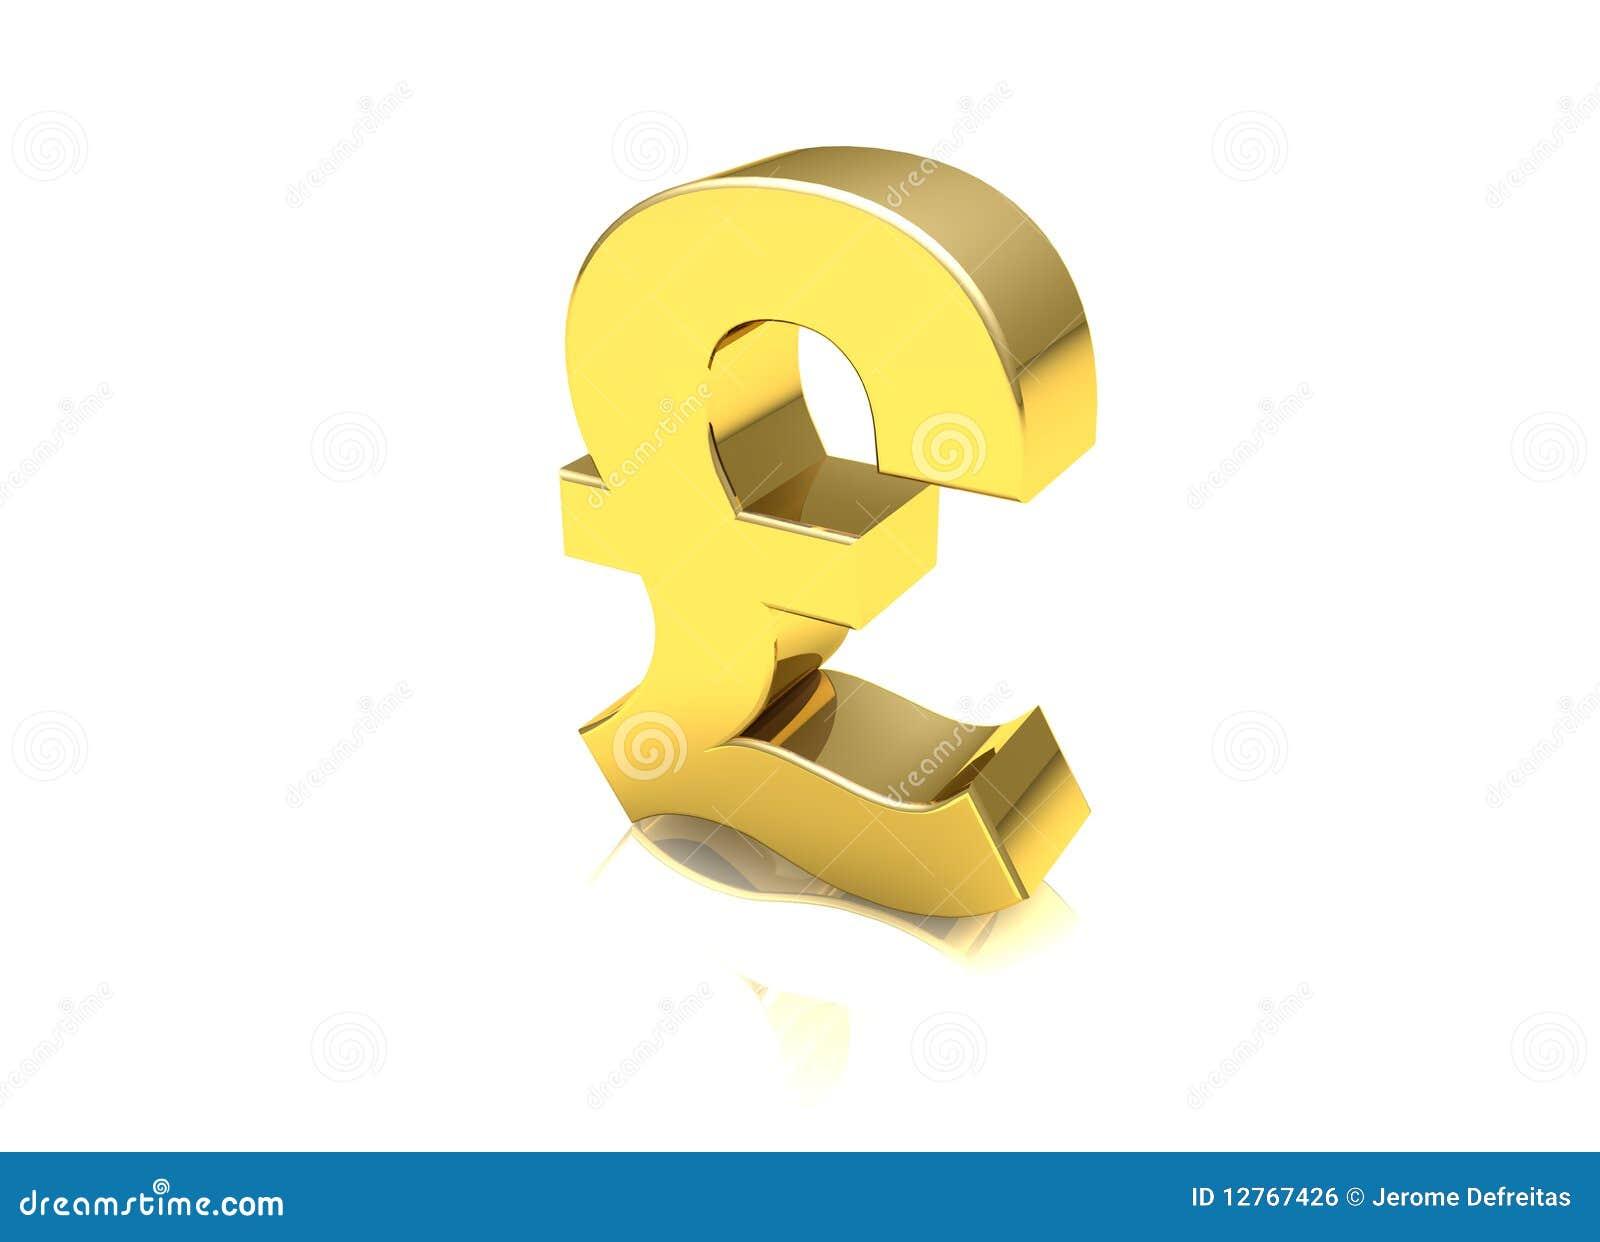 Uk pound symbol stock illustration illustration of credit 12767426 uk pound symbol buycottarizona